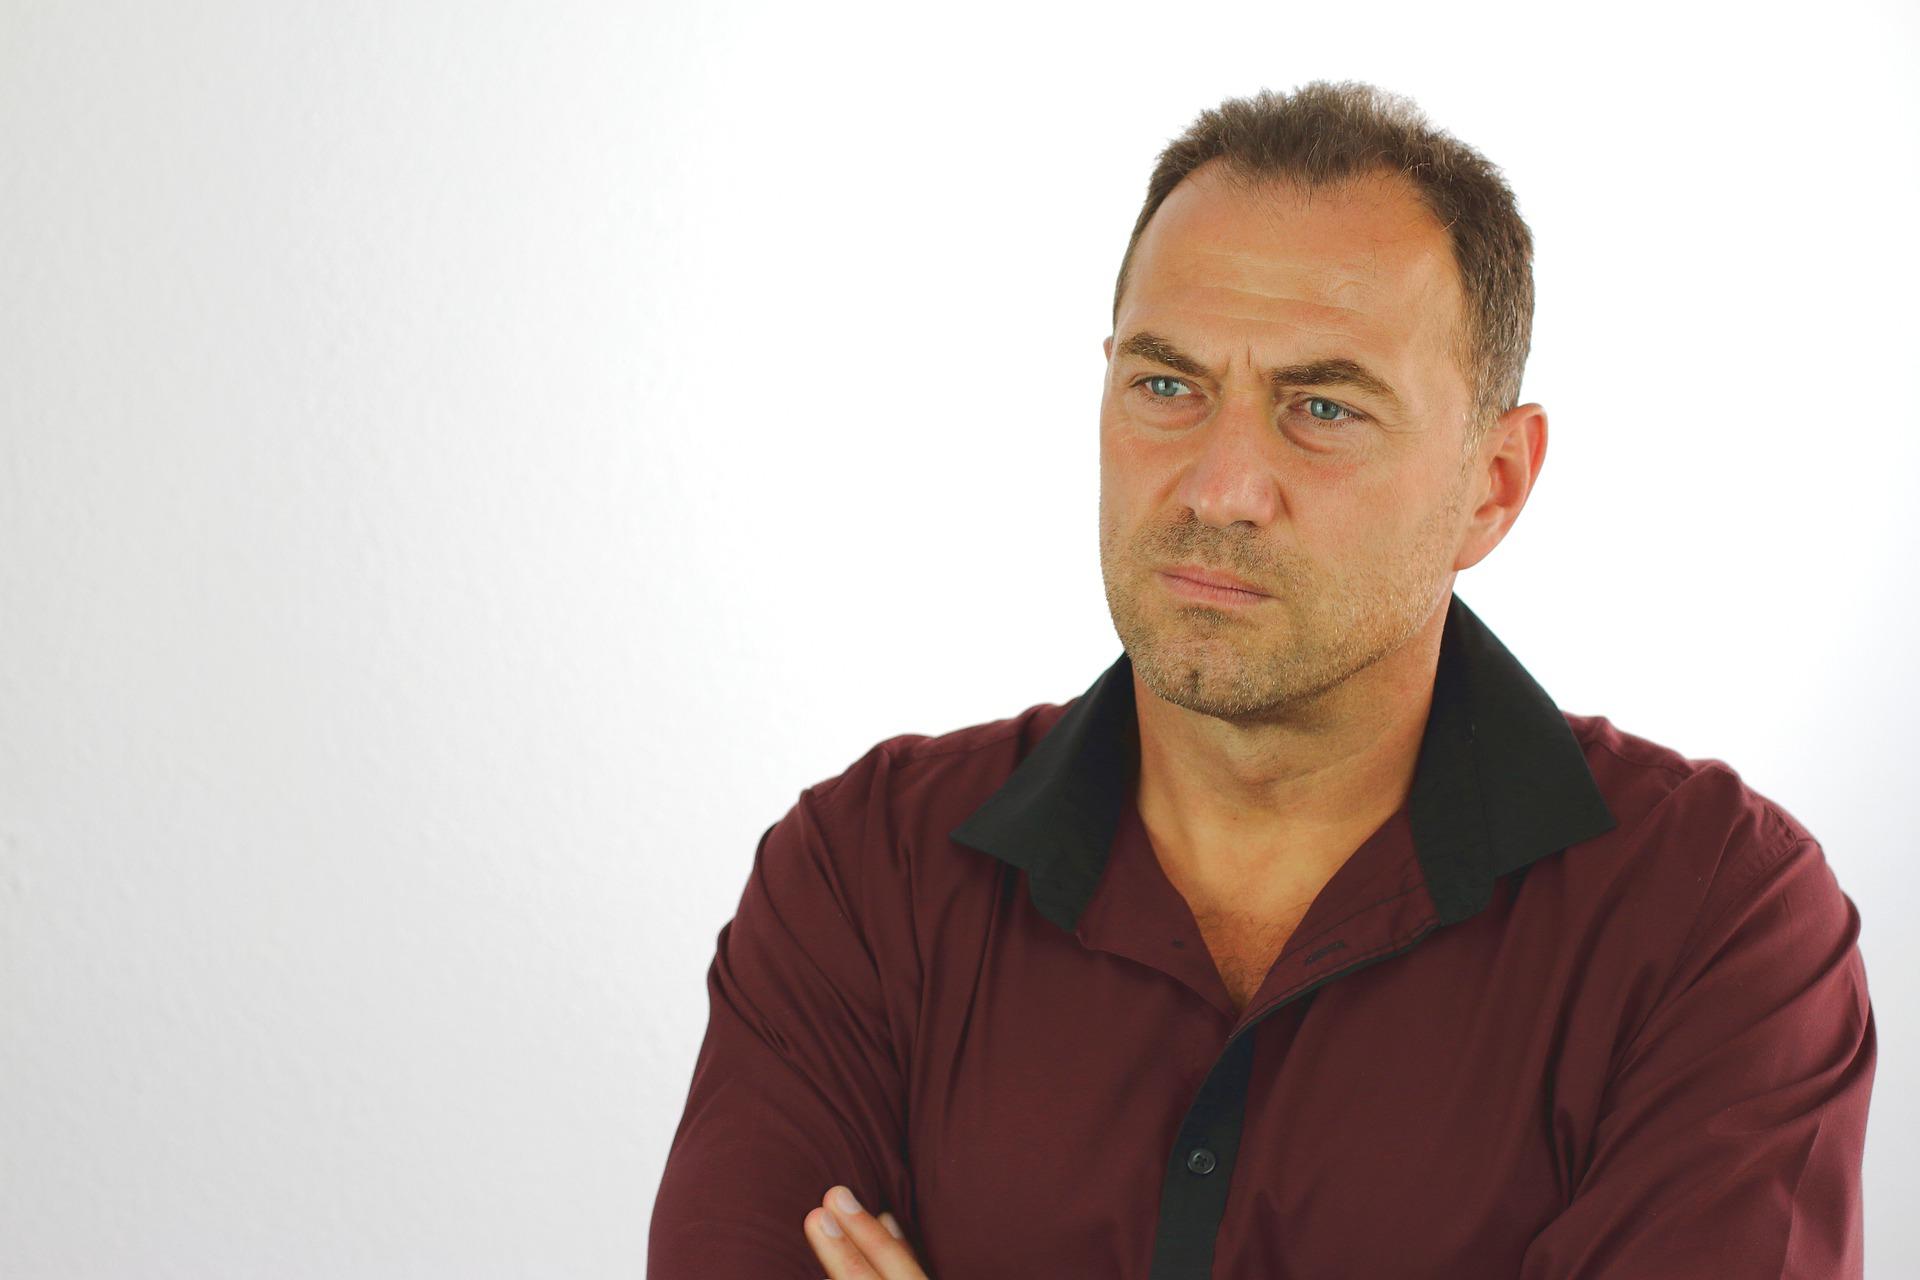 Ivan Starr